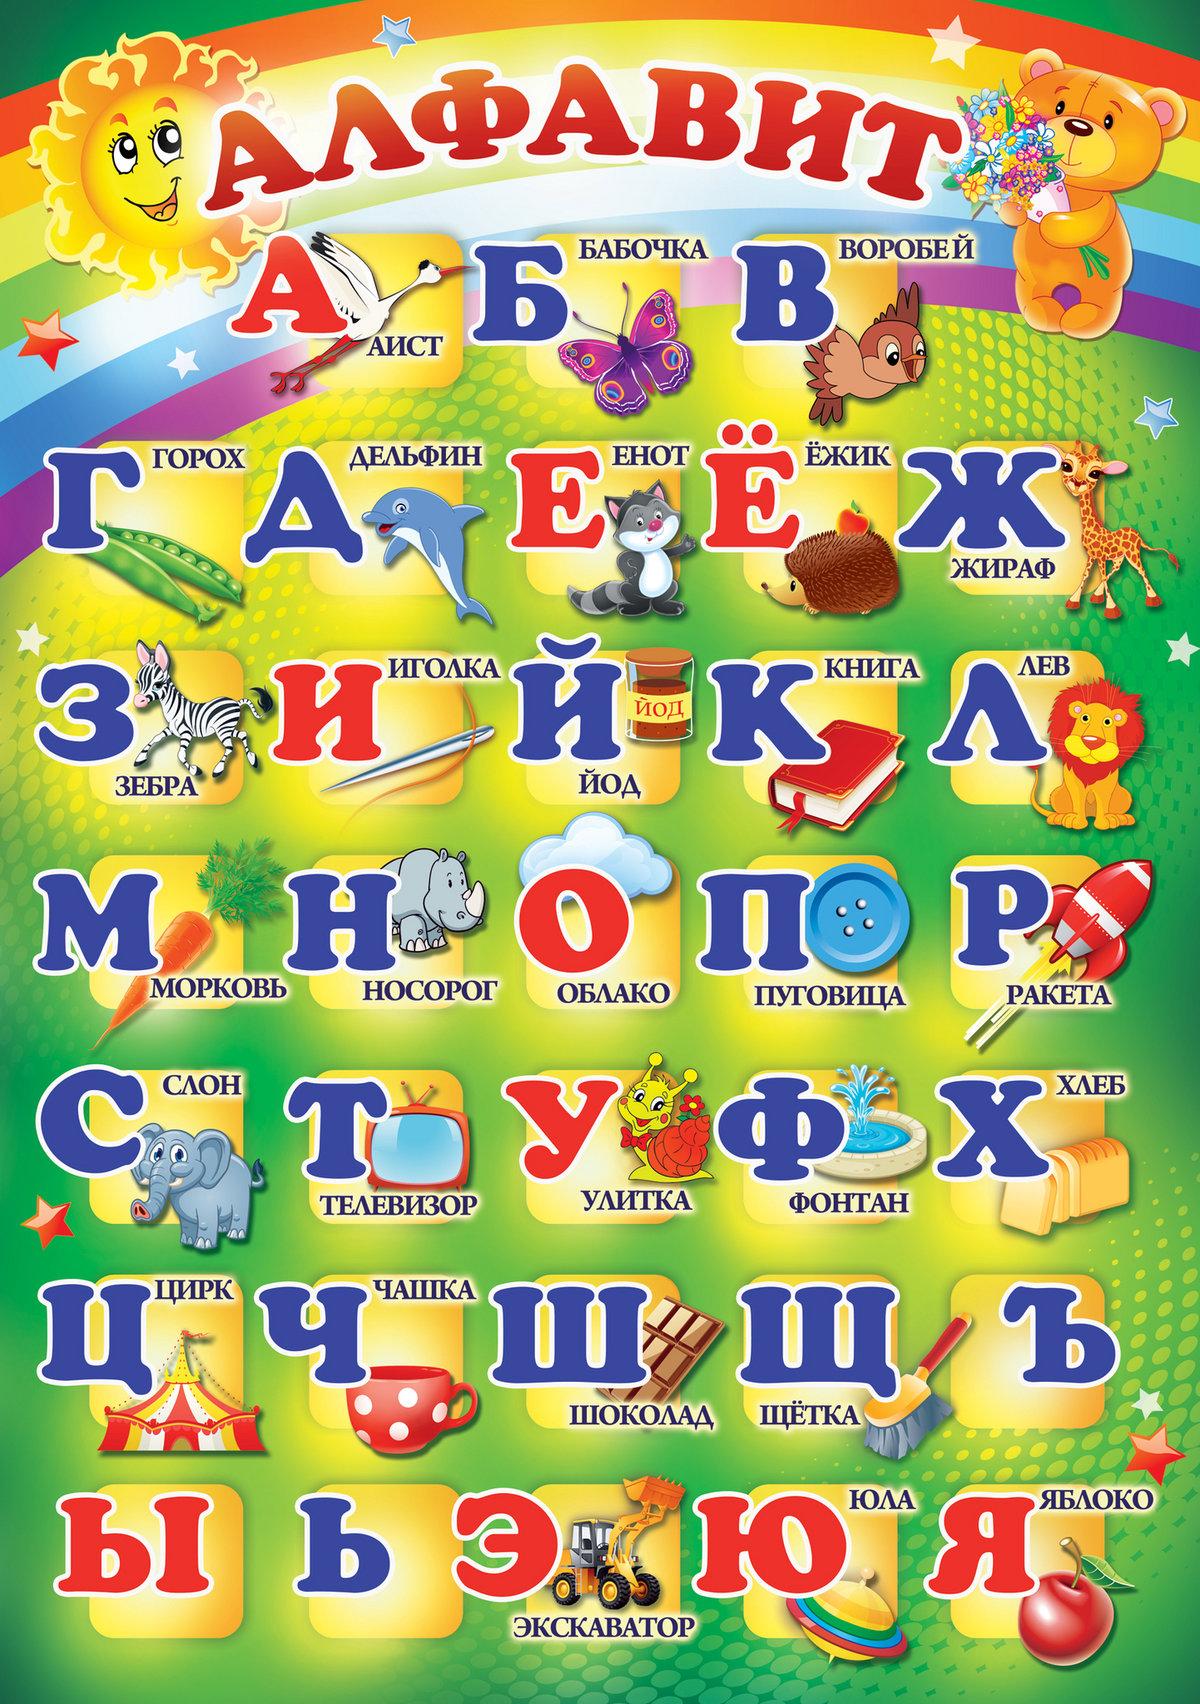 русский алфавит для распечатки с картинками могли ведь